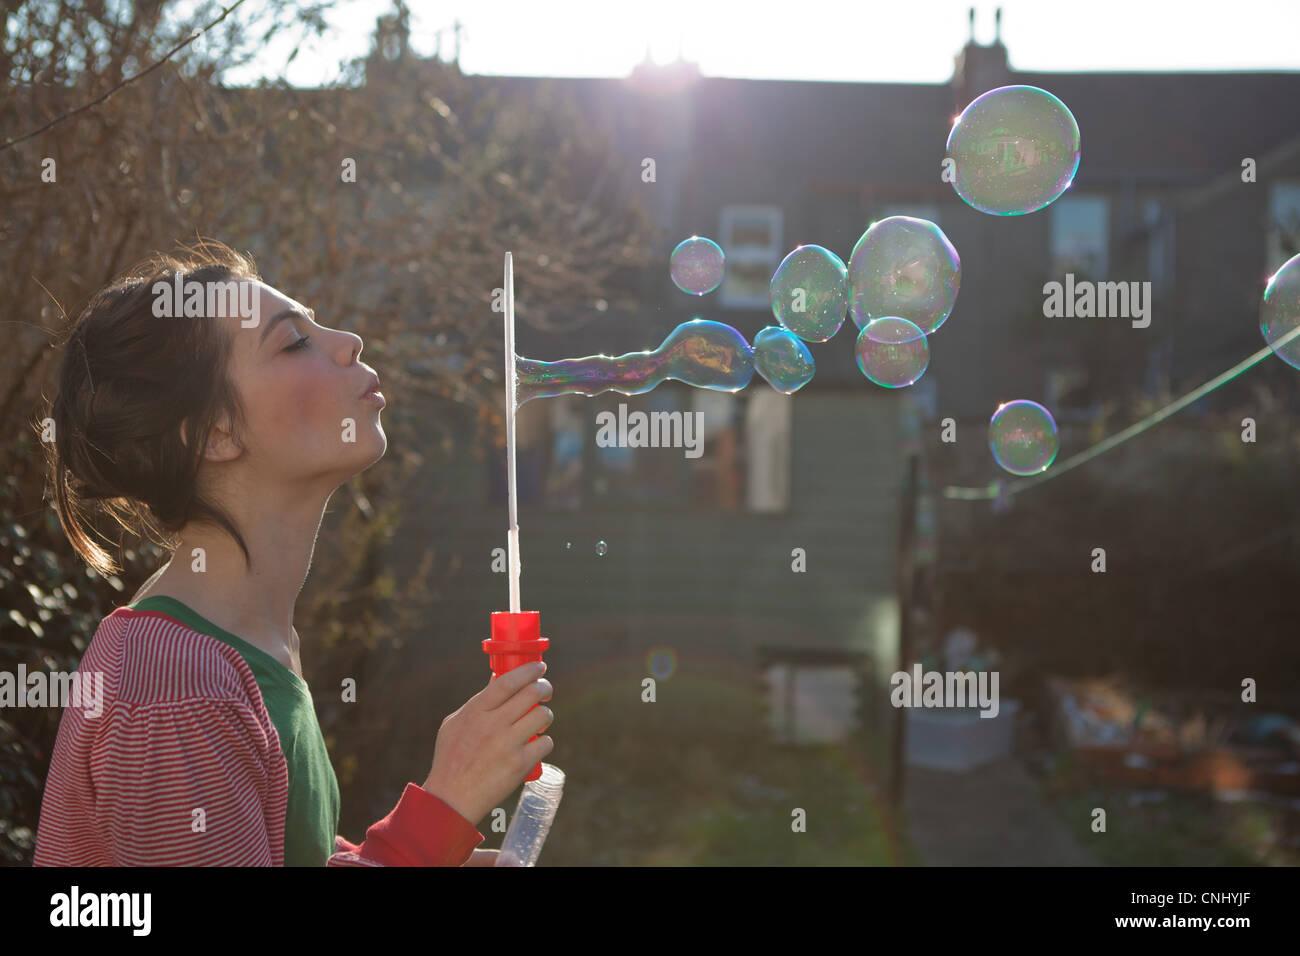 Giovane donna a soffiare bolle all'aperto Immagini Stock